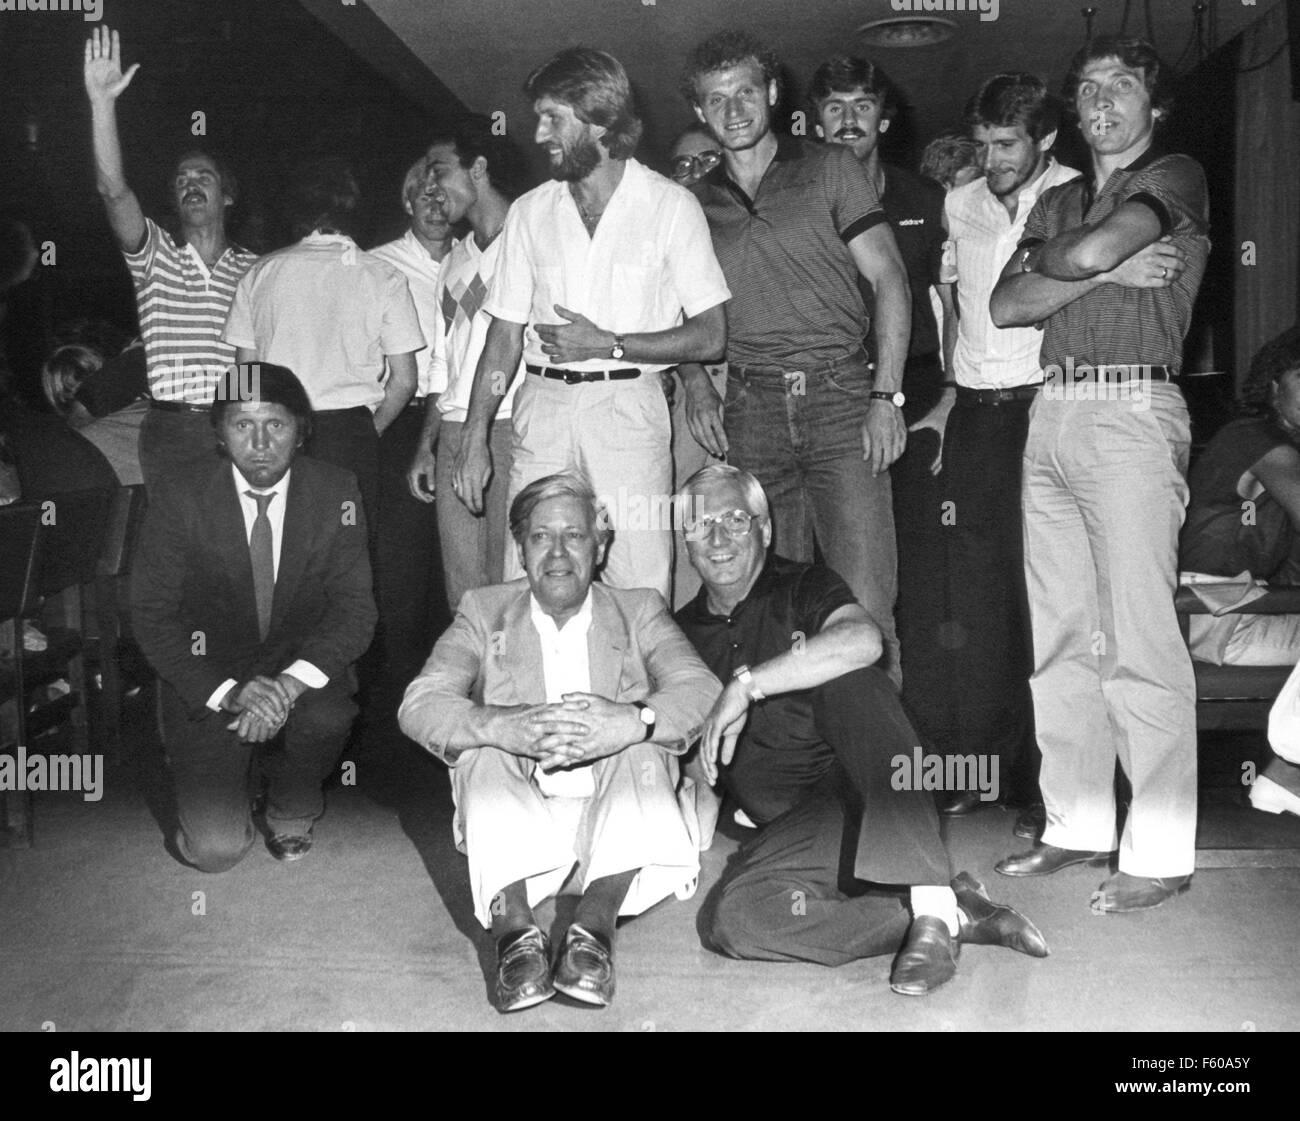 Le chancelier allemand Helmut Schmidt (L) et l'entraîneur de l'équipe nationale allemande Jupp Derwald (R) sont assis sur le sol en face des joueurs de l'équipe de football allemande dans un hôtel à Madrid le 12 juillet 1982. L'équipe nationale allemande avait perdu la finale du championnat du monde de football contre l'Italie avec 1:3 buts la veille. Derrière le Chancelier et l'entraîneur (R-L): Klaus Fischer, Wolfgang Dremmler, Wilfried Hannes, Hans-Peter Briegel, Manfred Kaltz, Hans Müller, et Uli Stielike. Banque D'Images